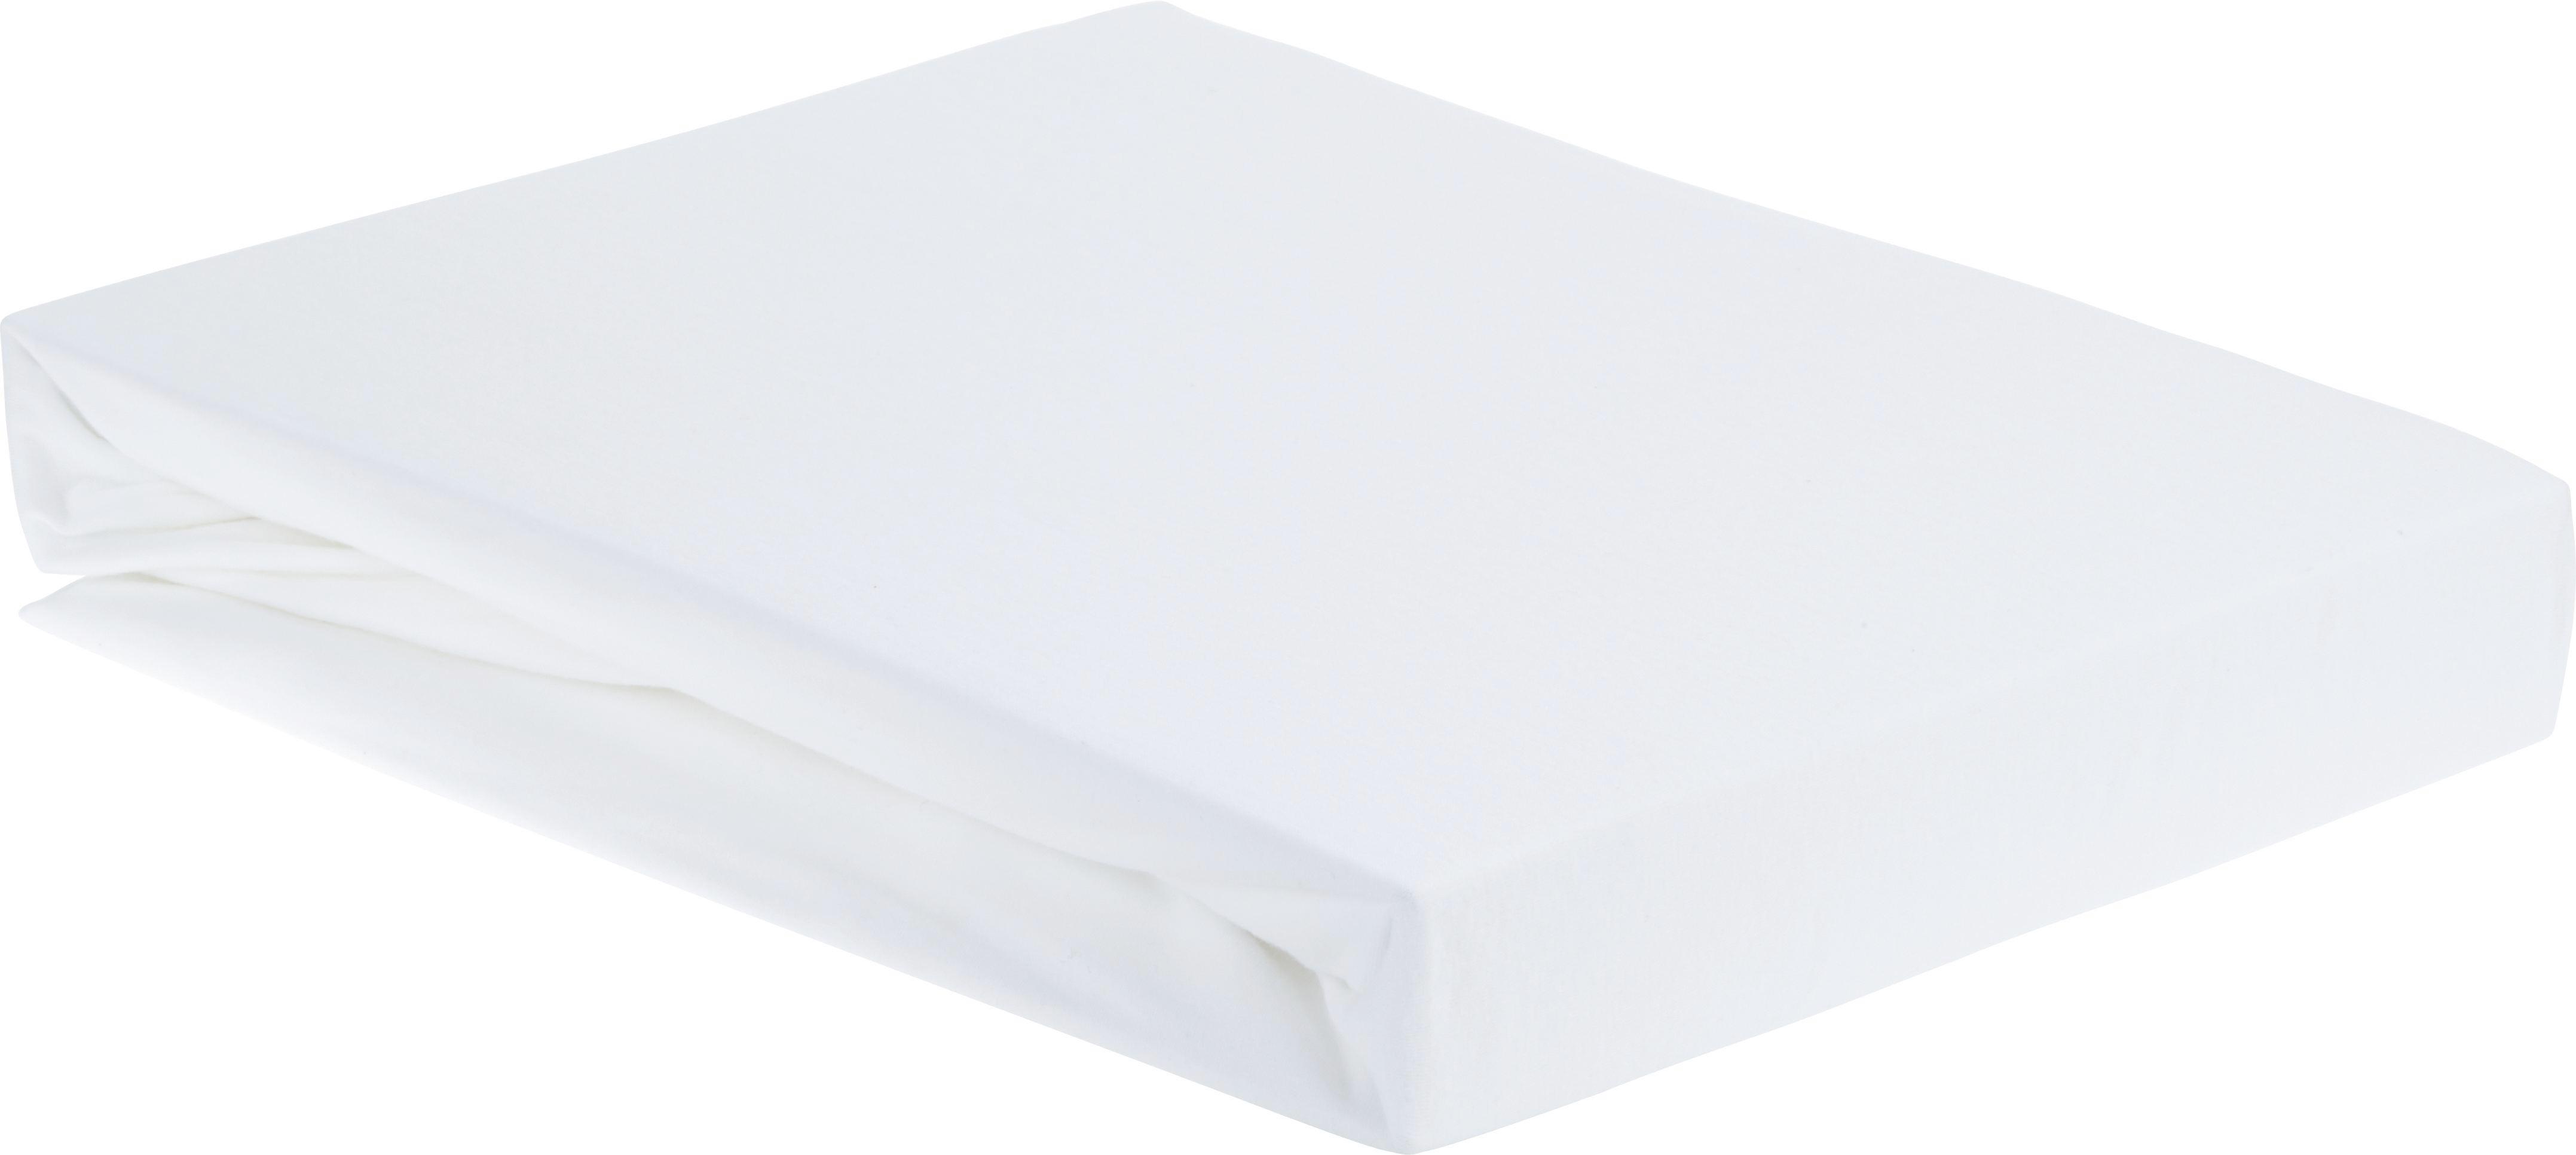 Spannbetttuch Elasthan ca. 160x200cm - Weiß, Textil (160/200/15cm) - PREMIUM LIVING